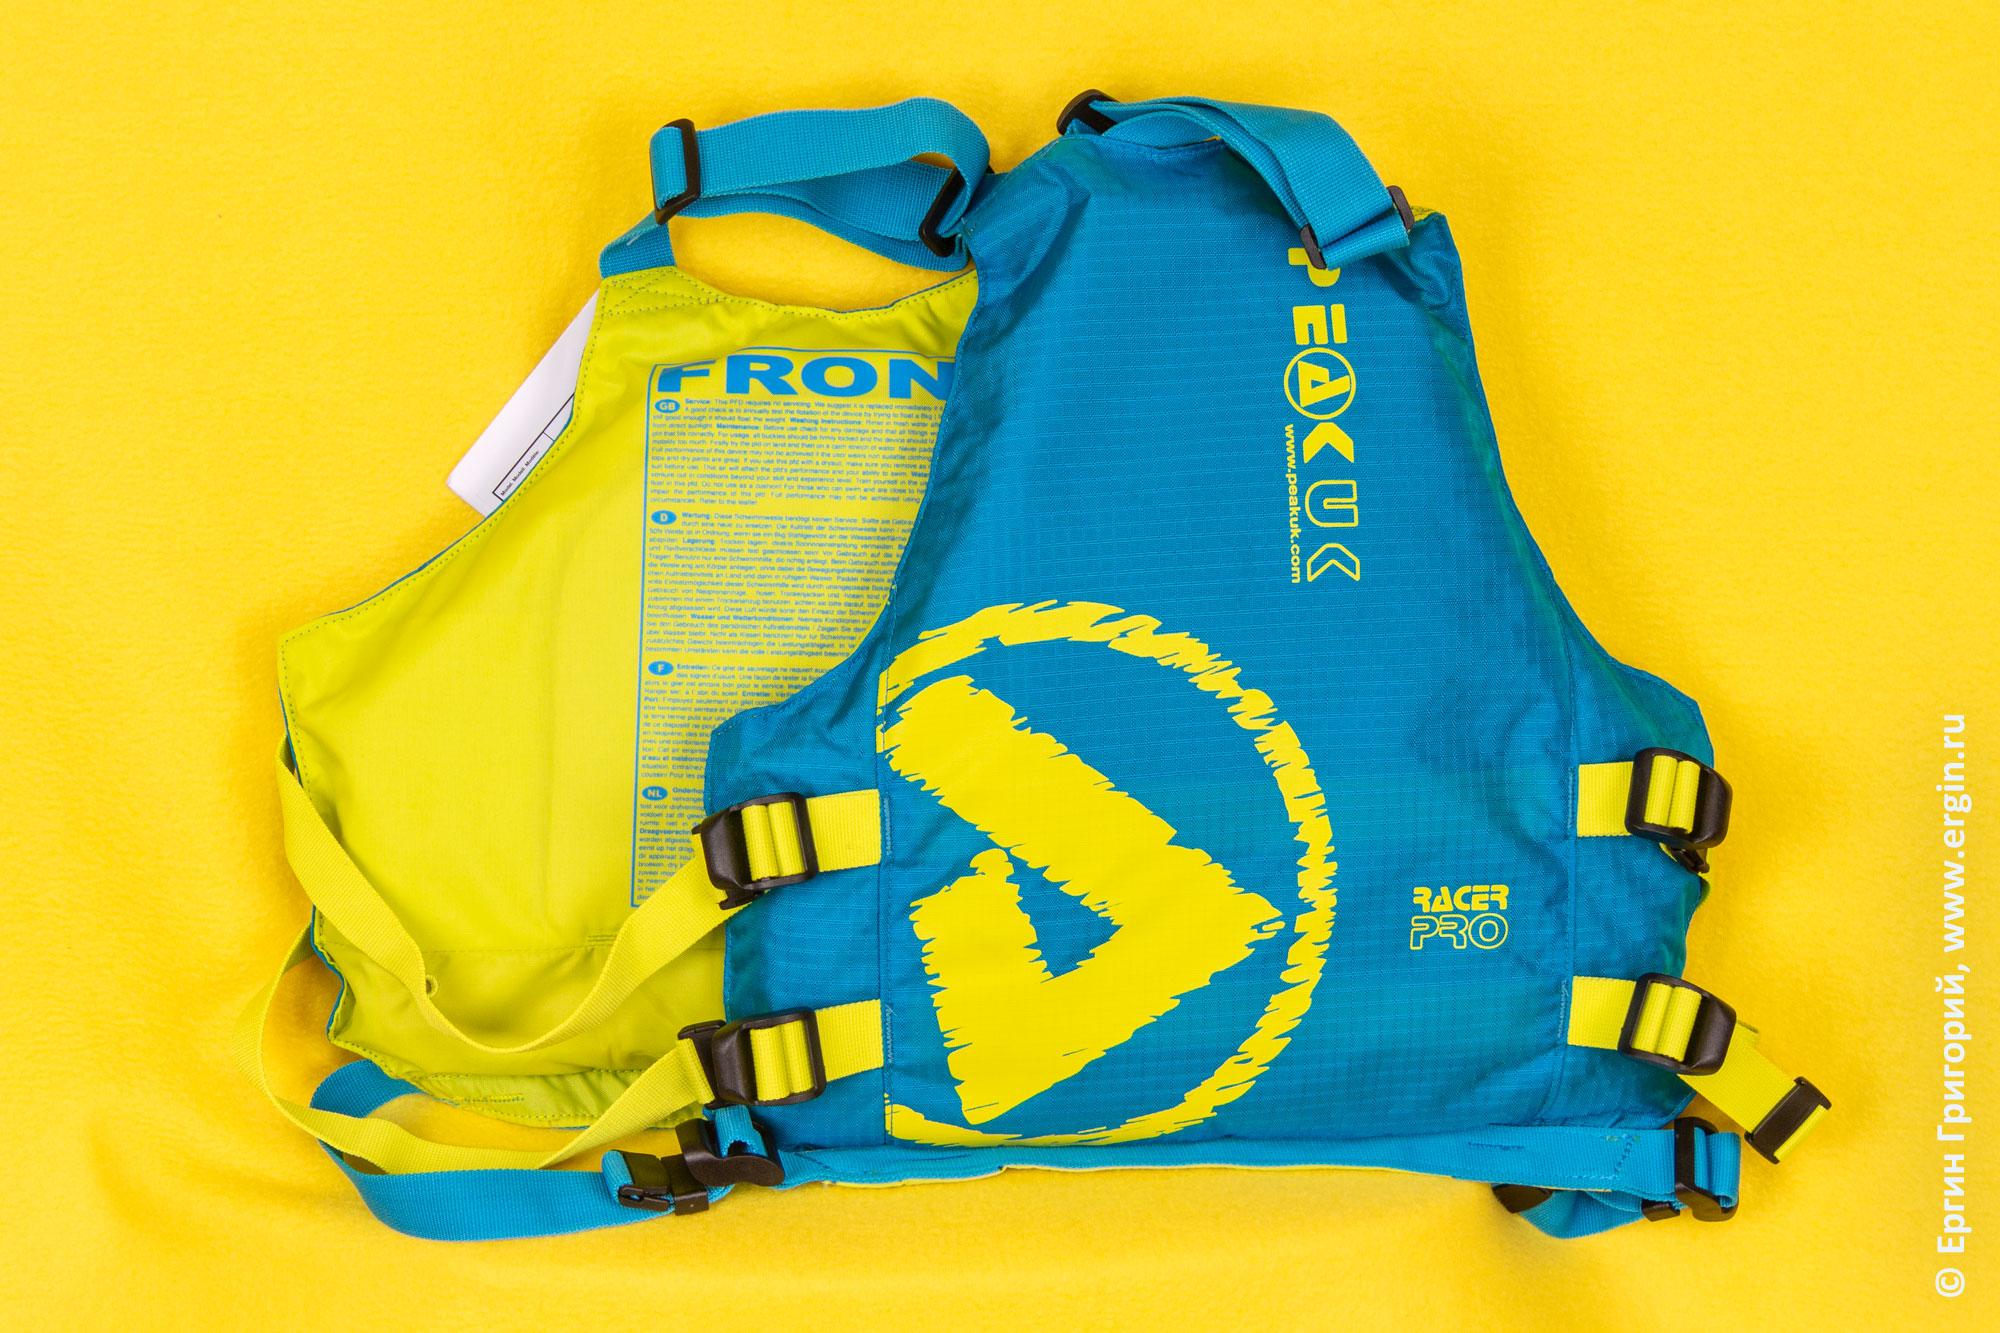 Спасжилет PeakUk RACER PRO для каякинга: фристайла на бурной воде и гребного слалома